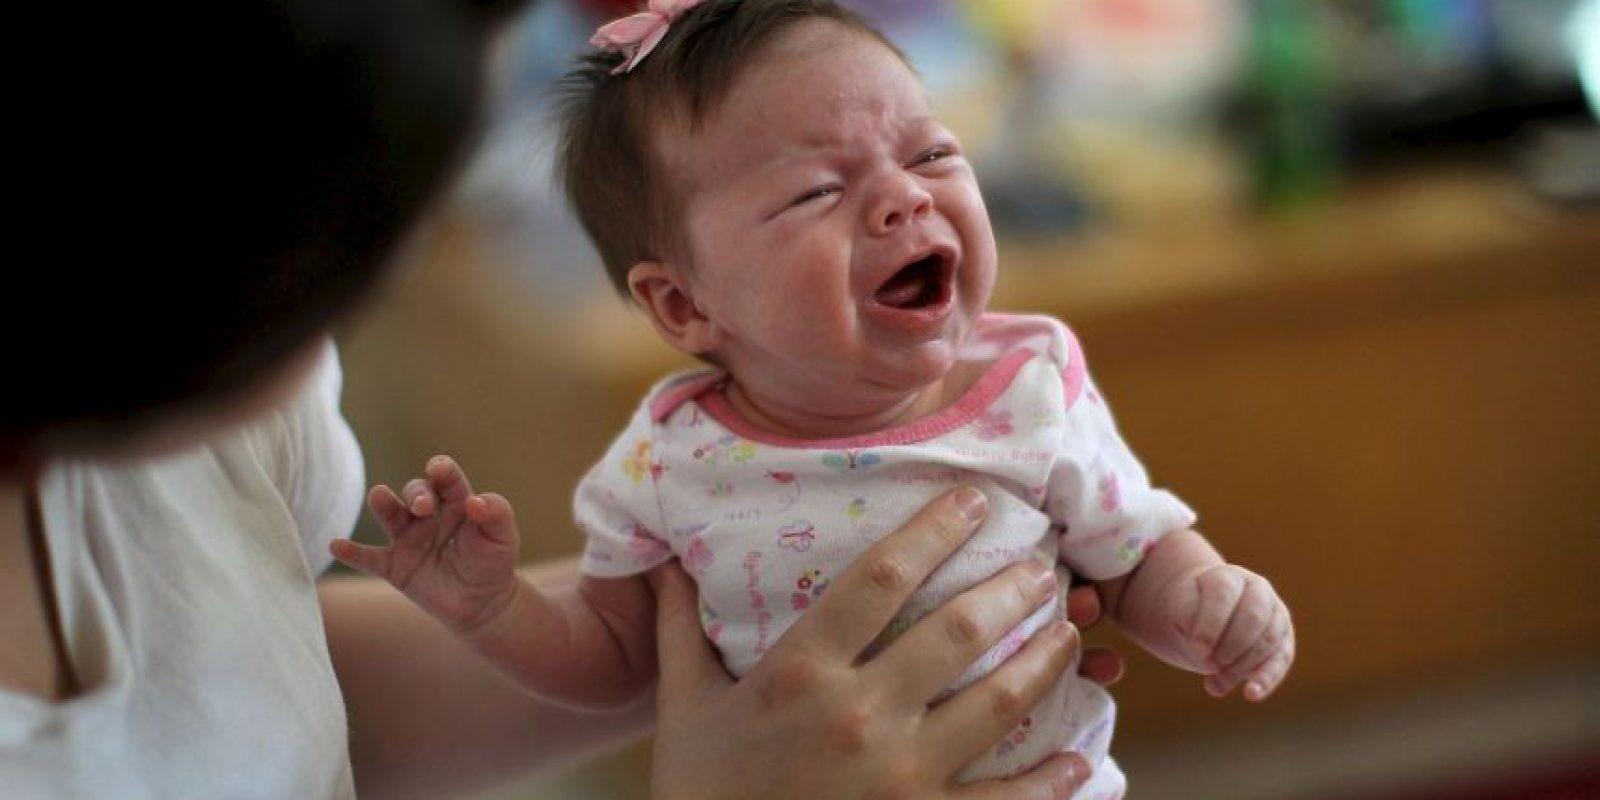 Consumir bebidas alcohólicas y drogas, tienen malos tratos con el cónyuge y creen que al niño le agrada la relación sexual. Foto:Getty Images